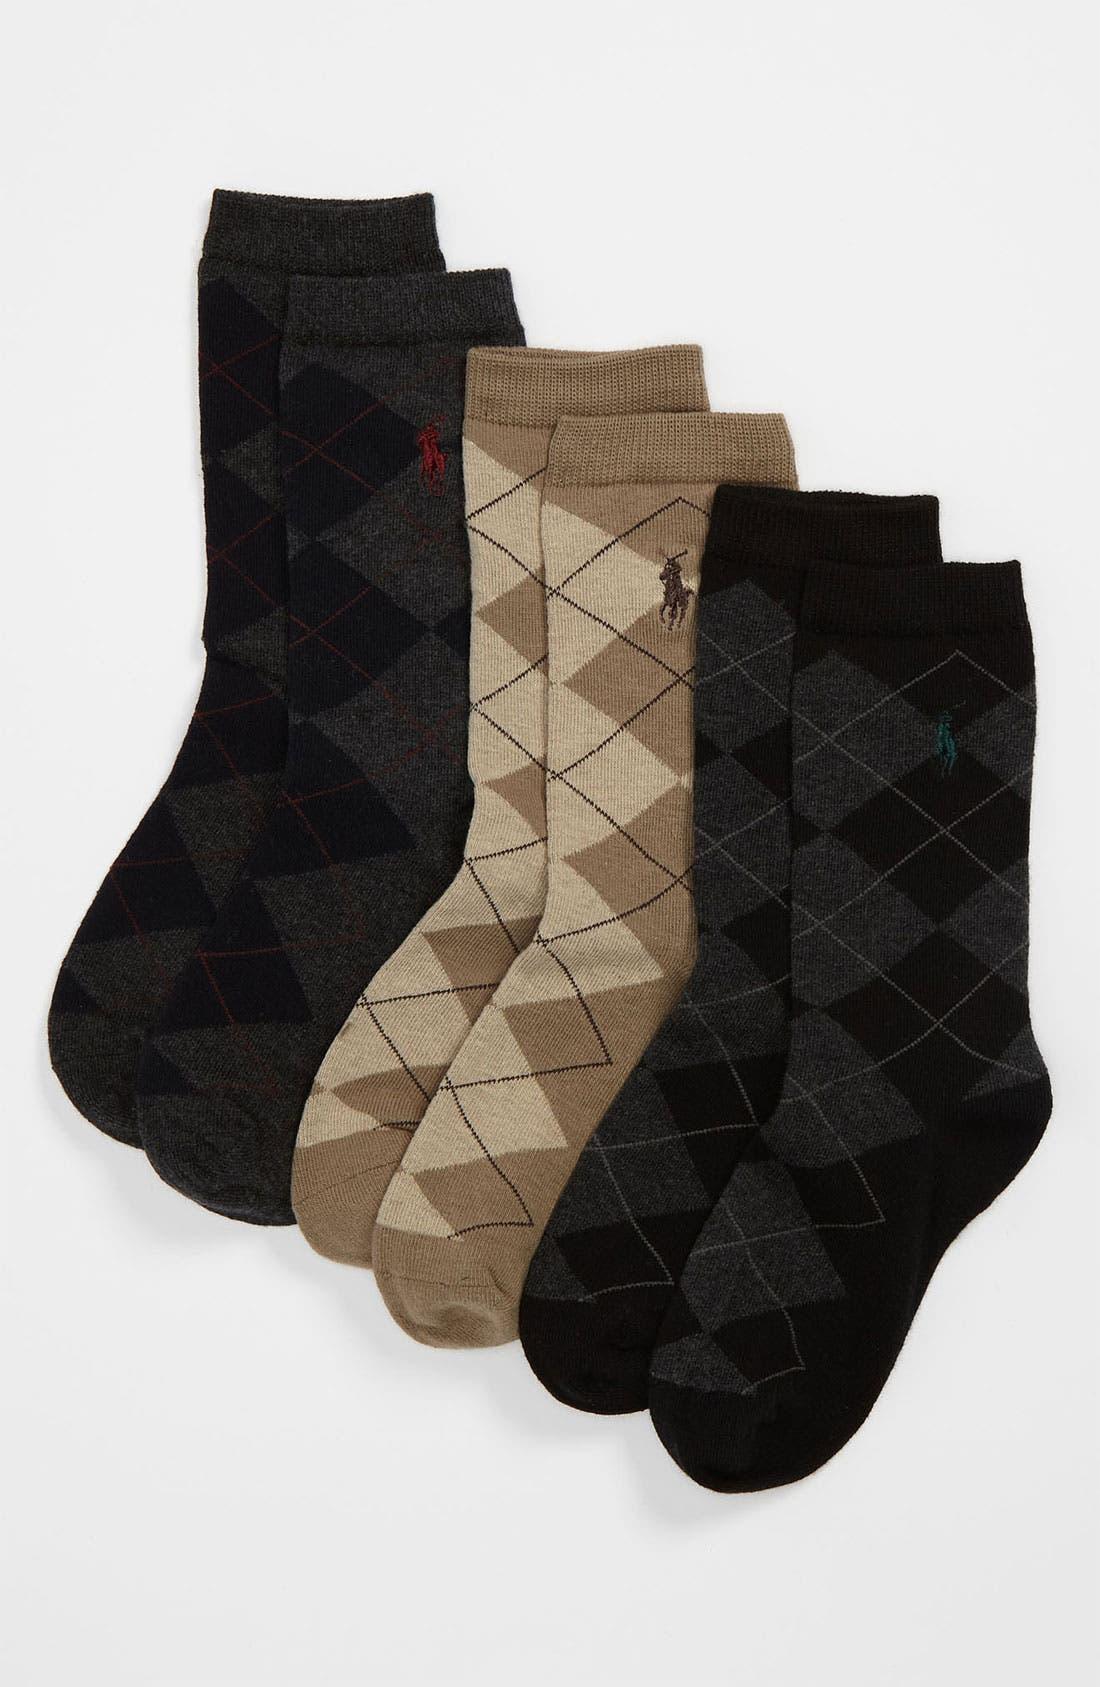 Alternate Image 1 Selected - Polo Ralph Lauren Argyle Crew Socks (3-Pack) (Toddler)